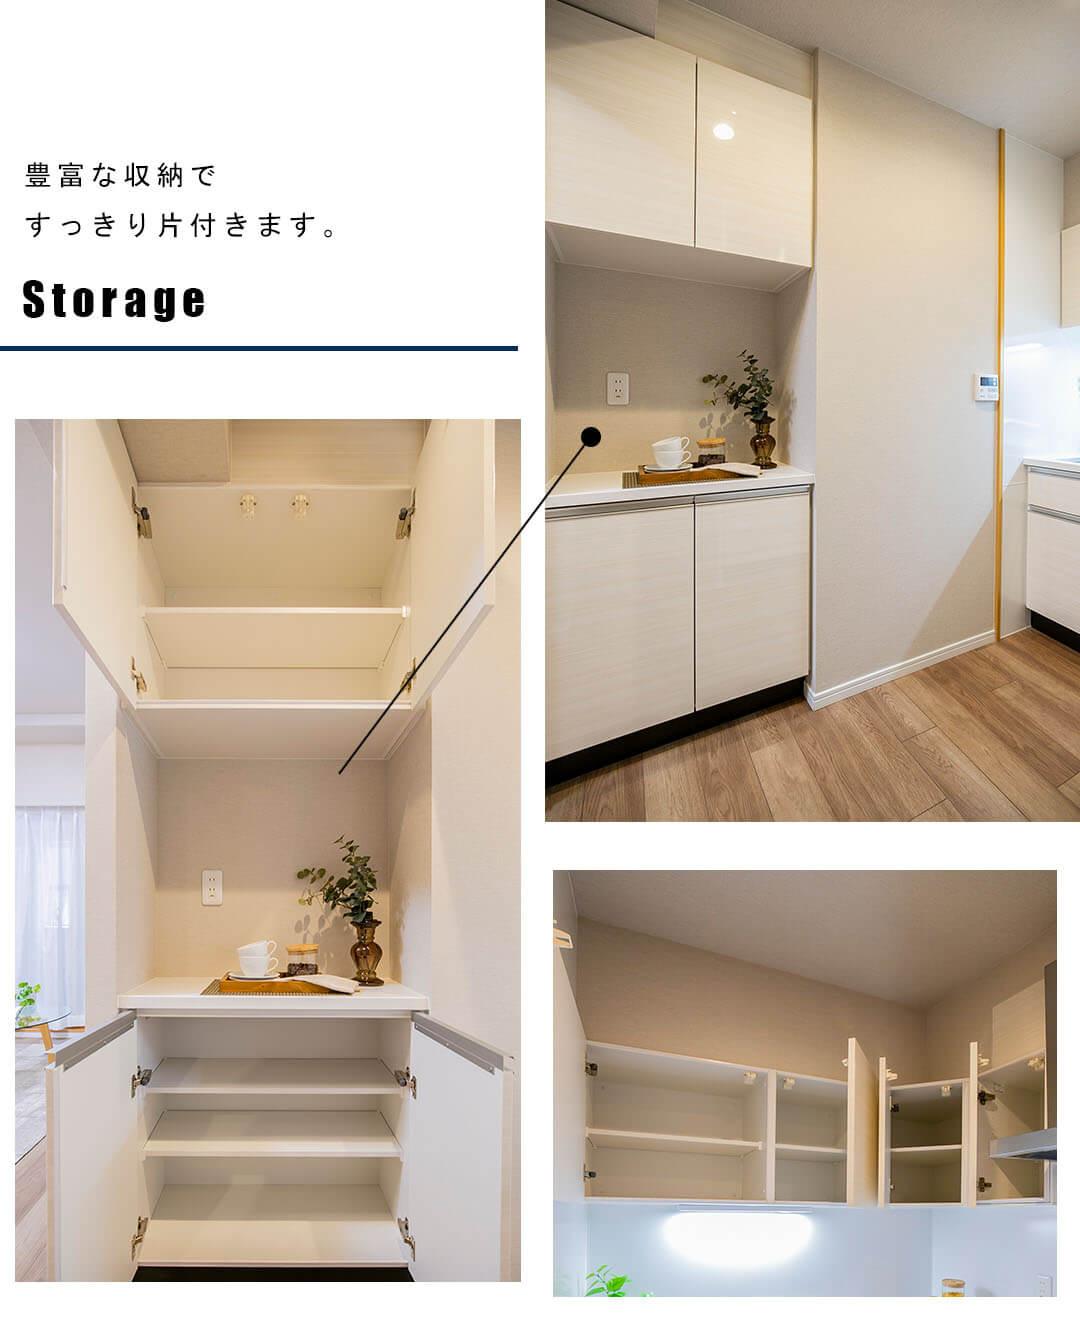 東京アムフラットのキッチン